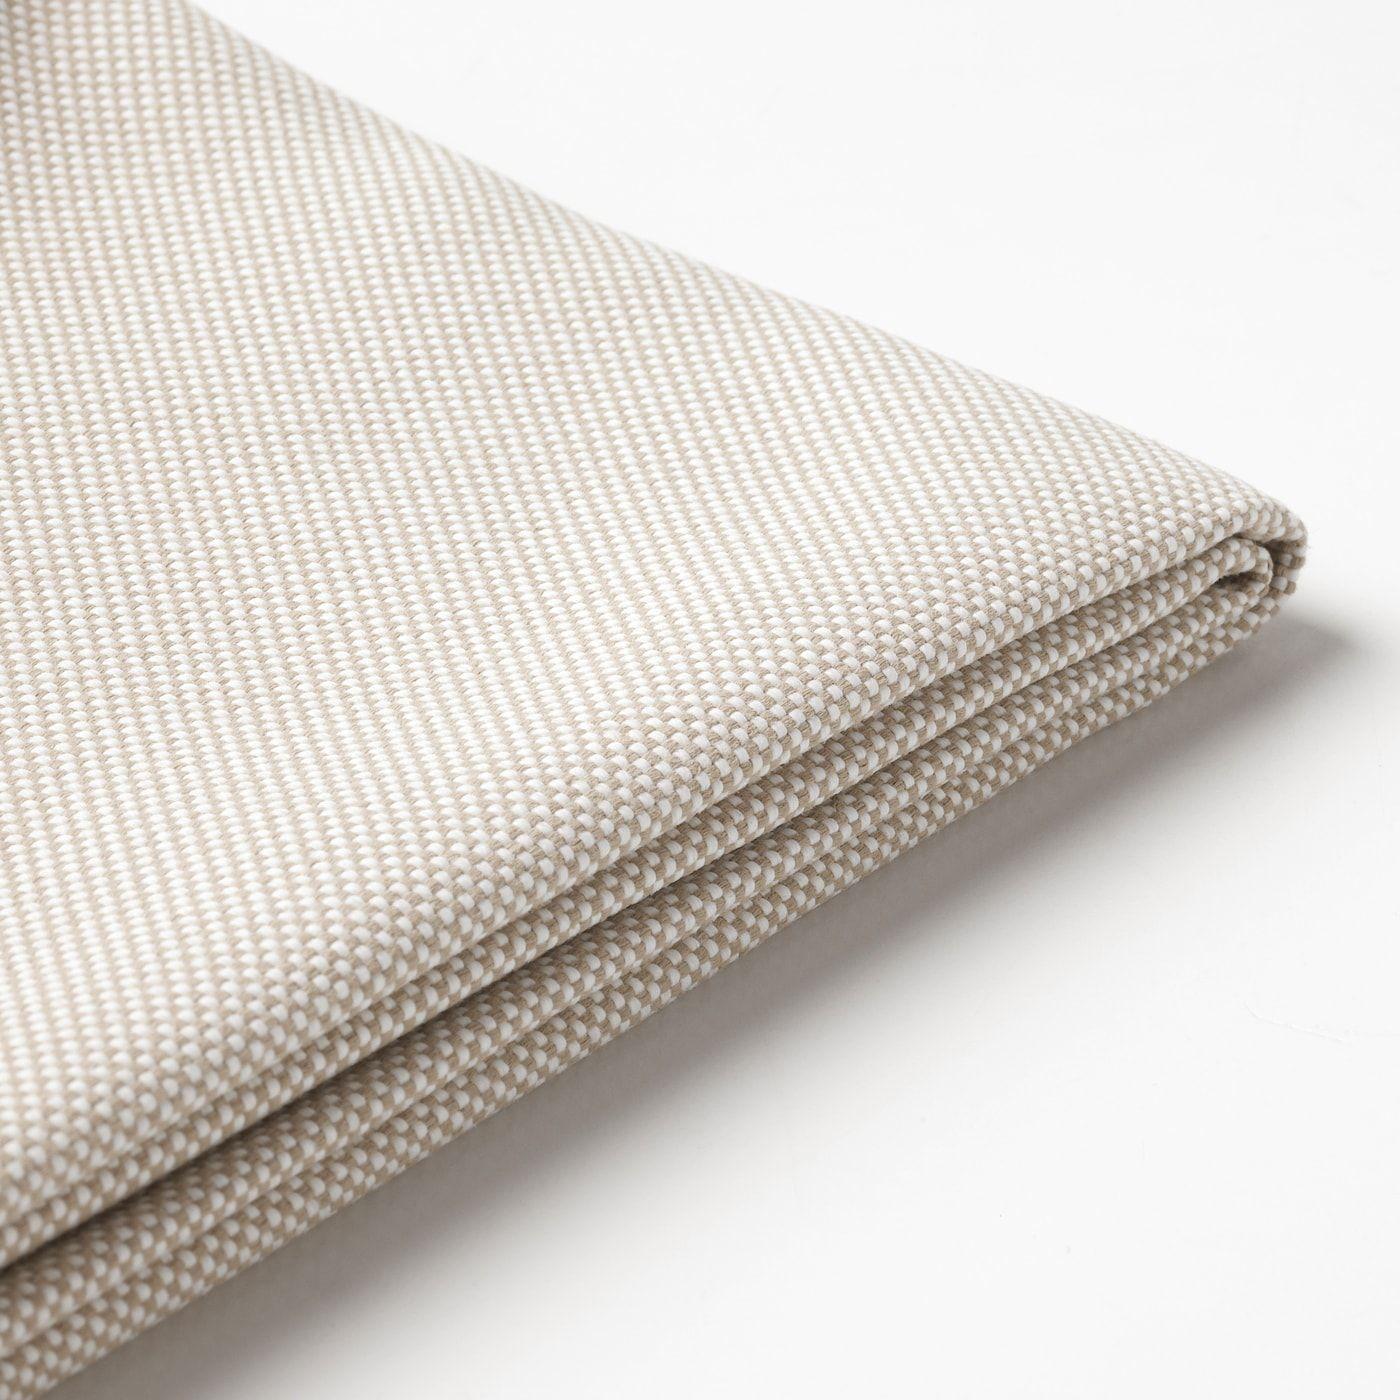 Froson Cover For Chair Pad Outdoor Beige 19 5 8x19 5 8 50x50 Cm En 2020 Coussin Chaise Animaux En Plastique Et Housses